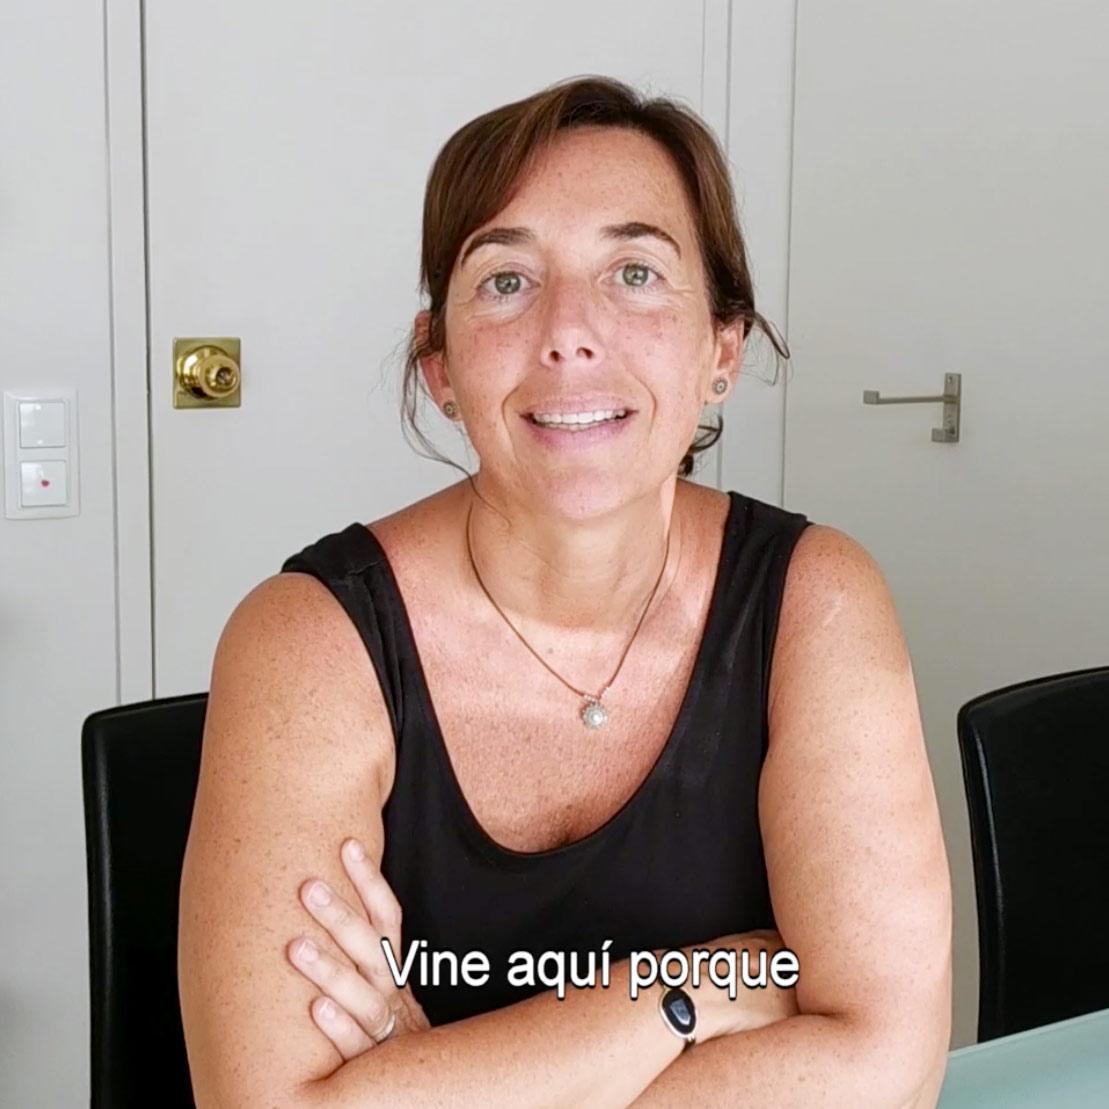 Clínica Rinològica - Testimonis Video 19